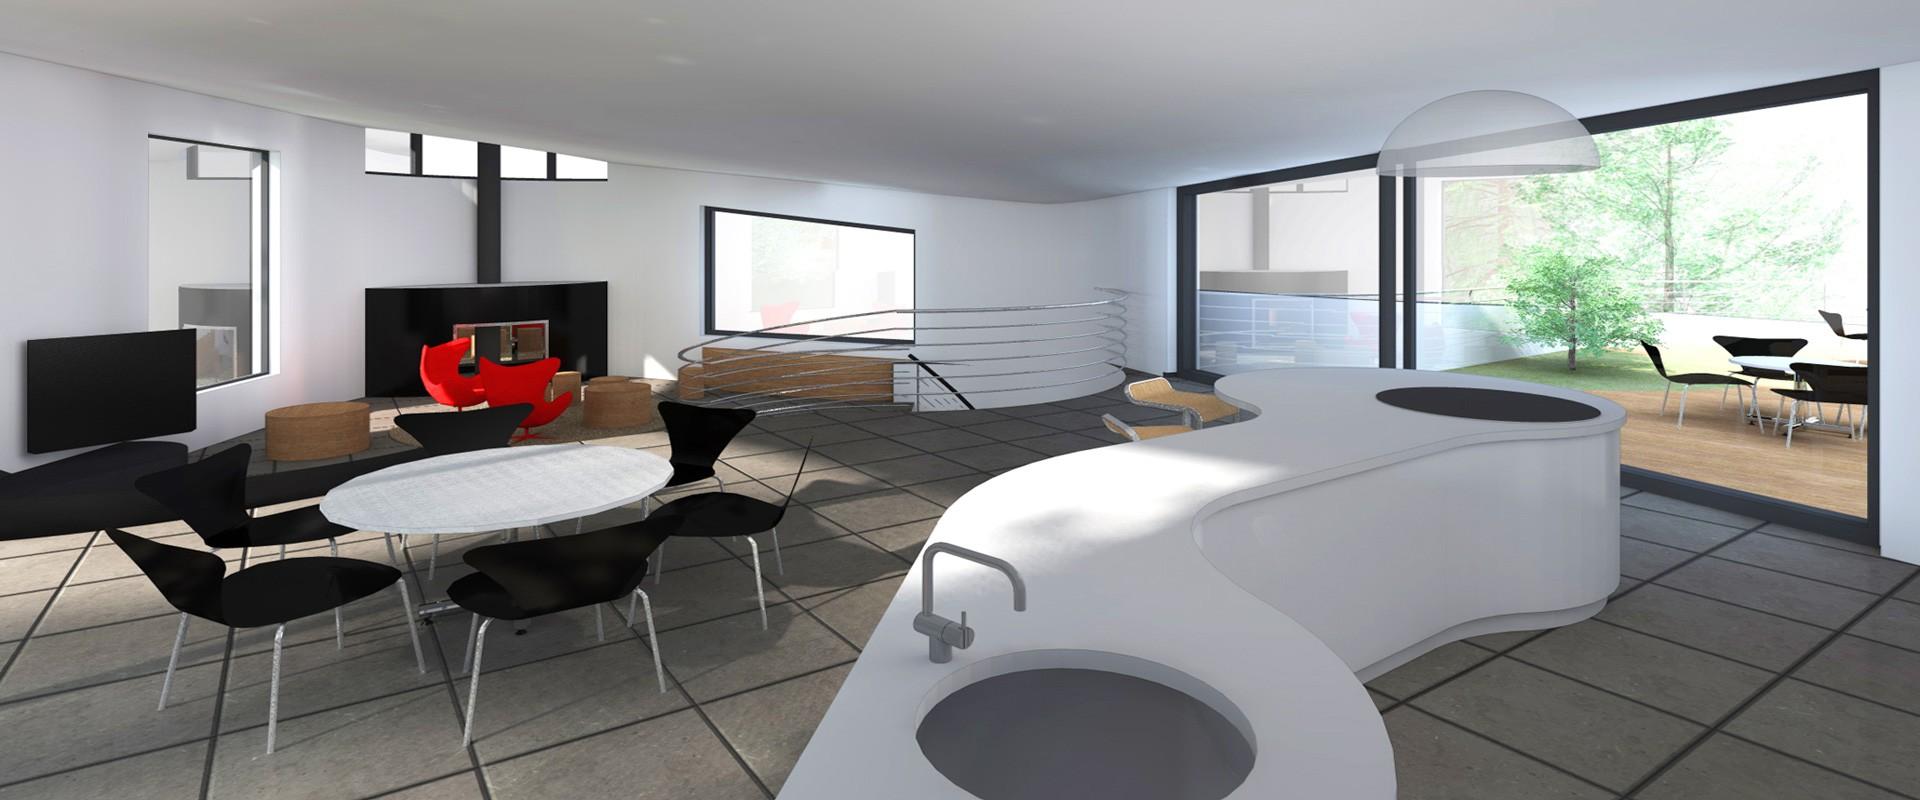 Architecte projet maison individuelle